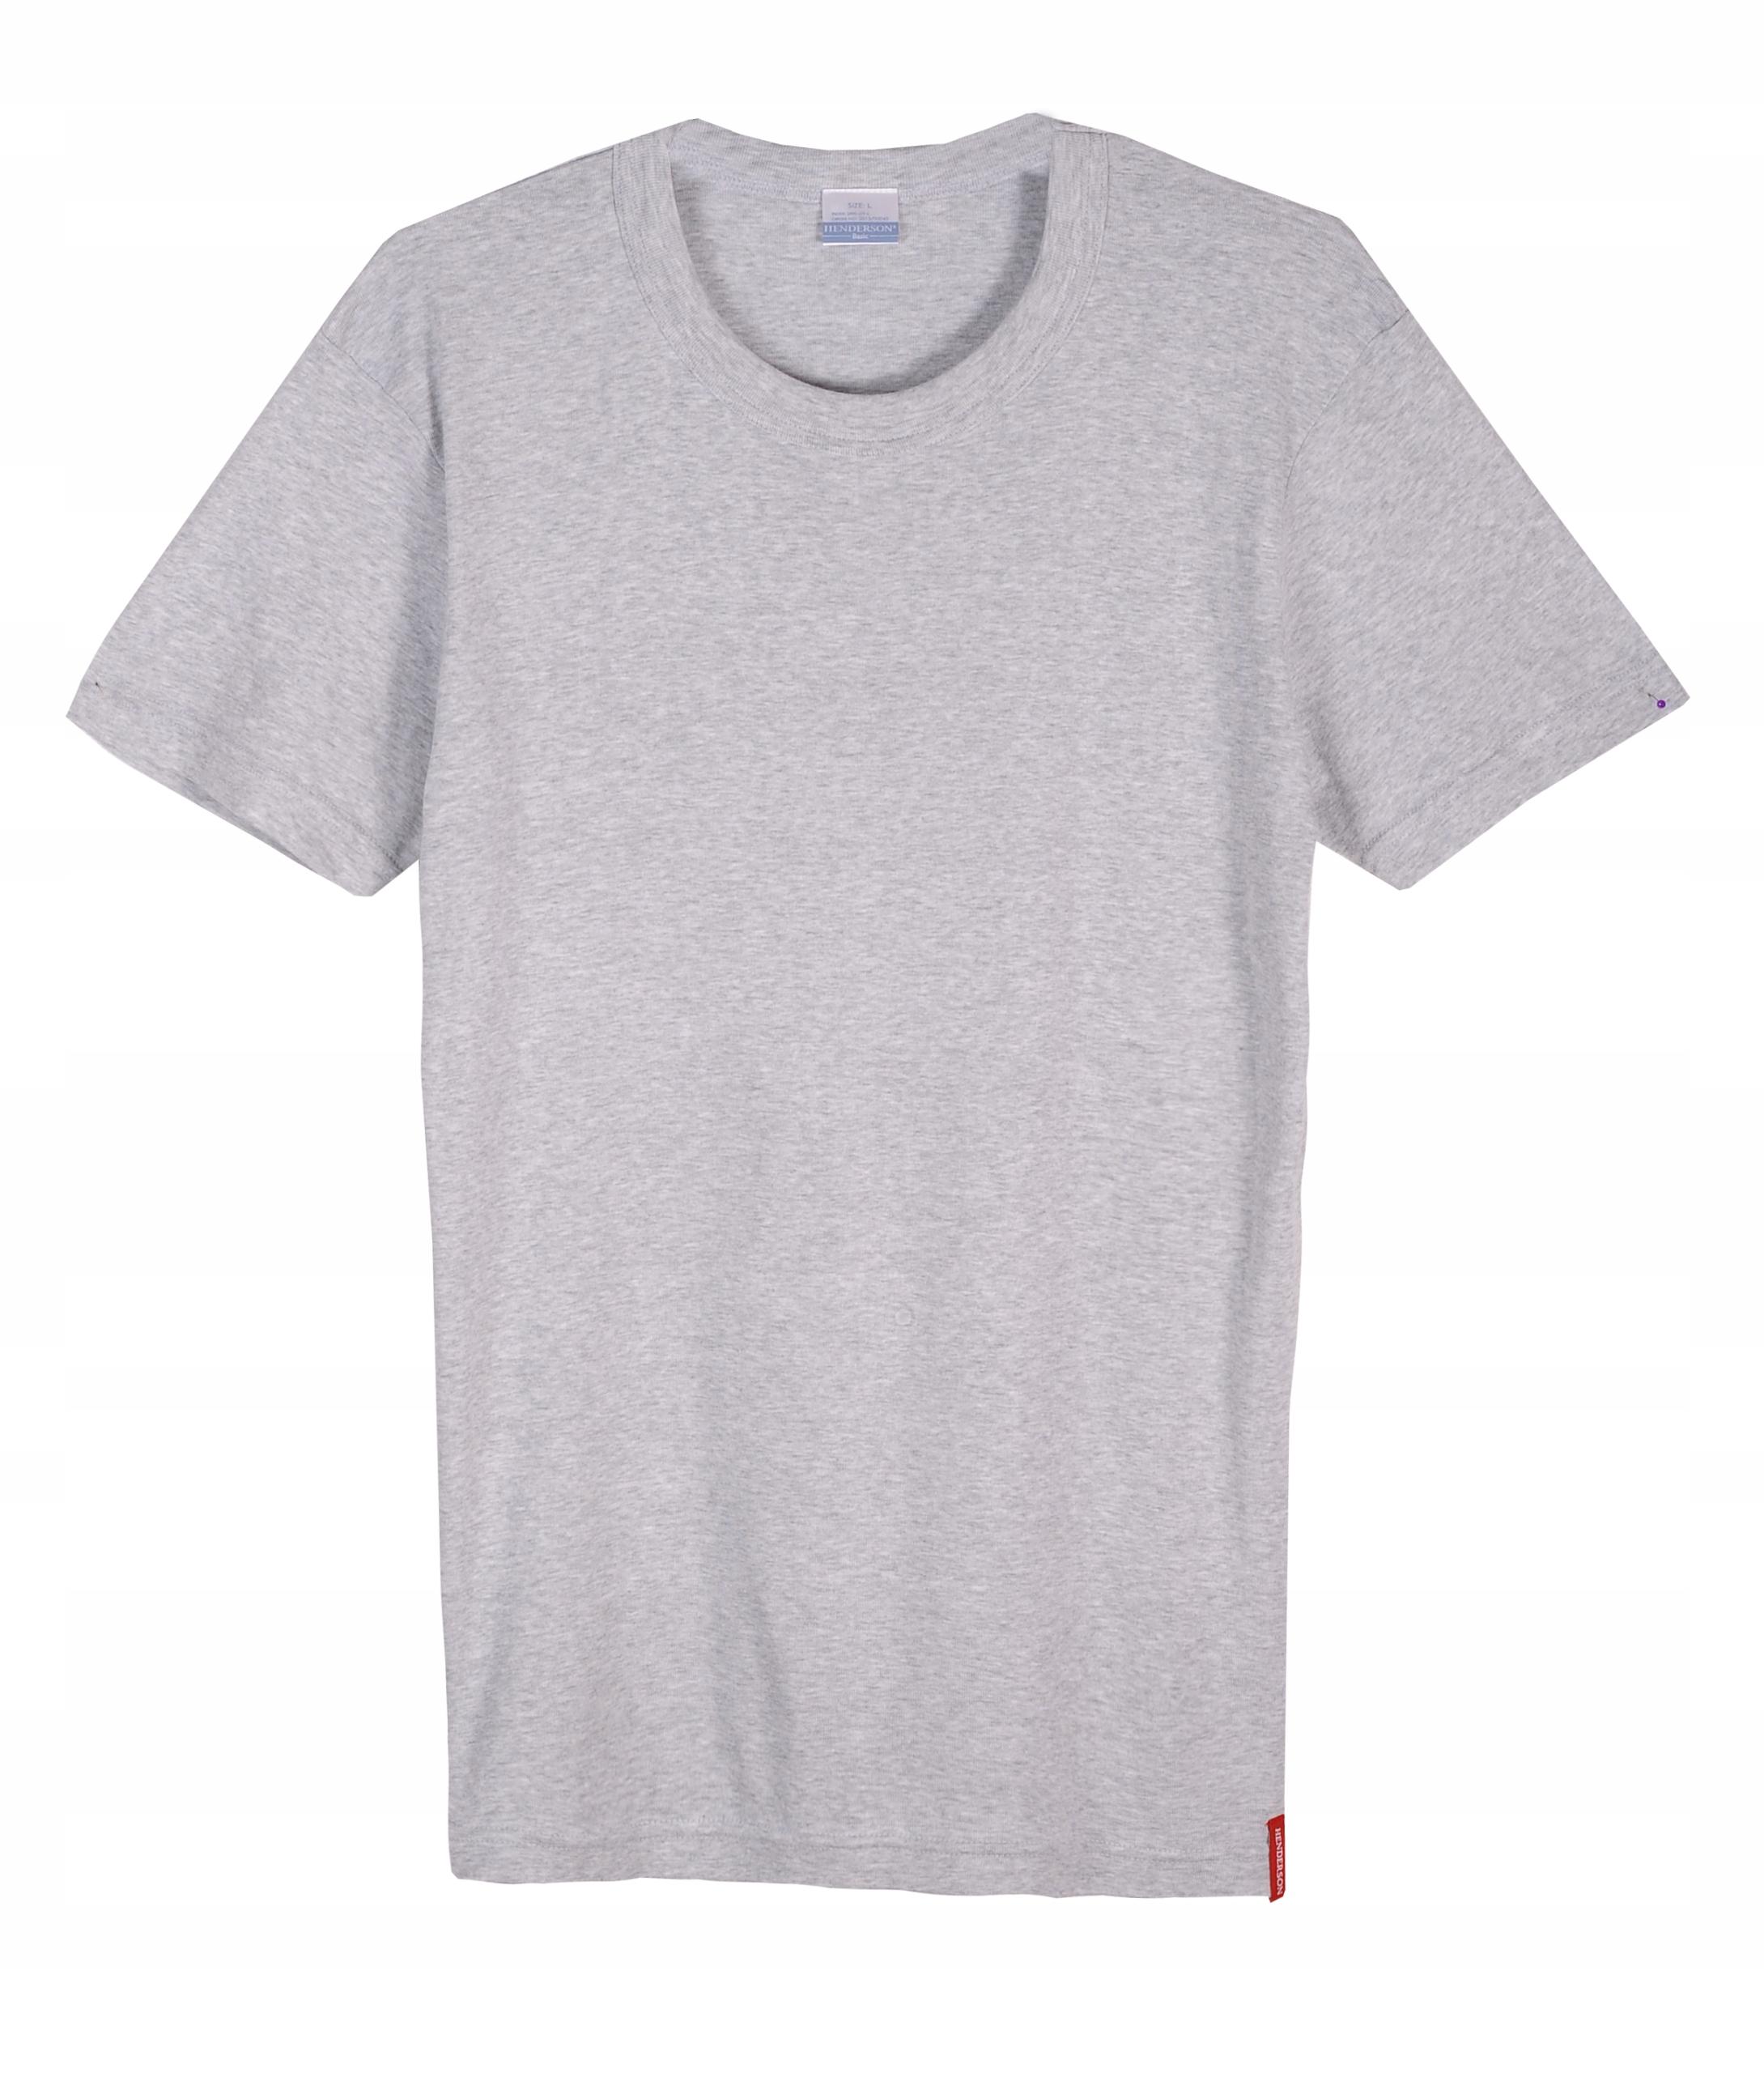 Podkoszulek Henderson Koszulka SZARA Bawełna XL